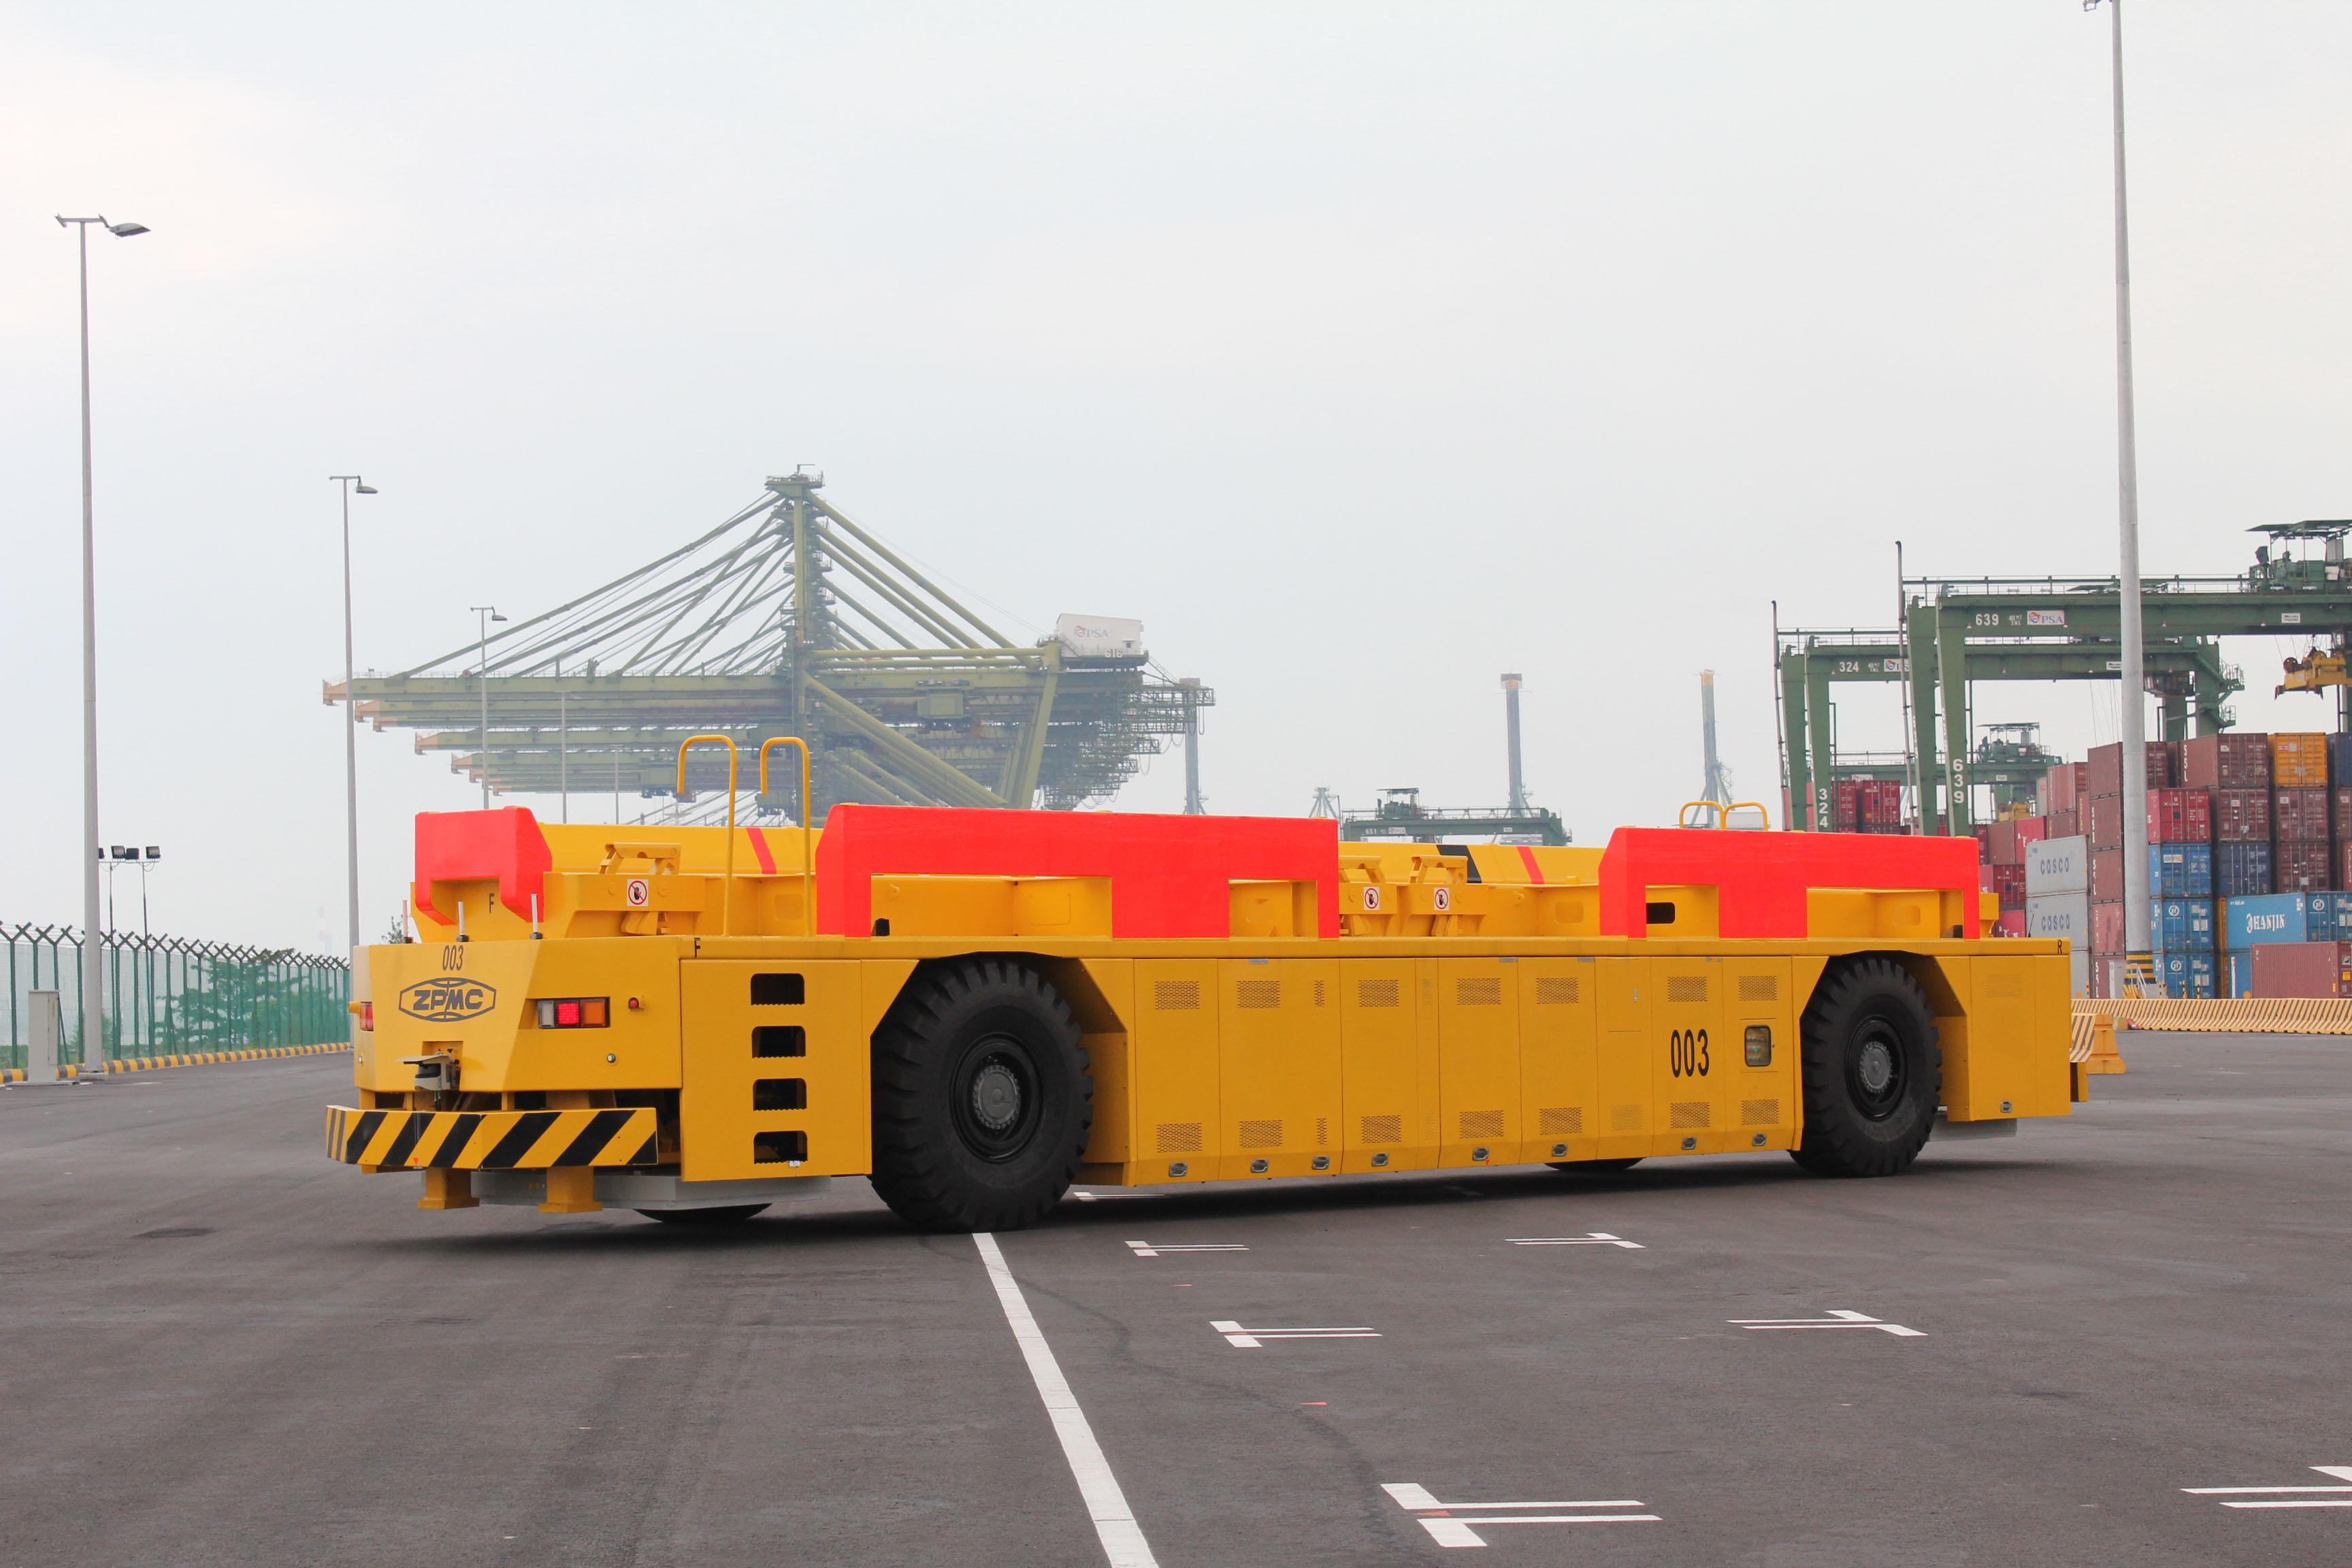 【マジすげー】港湾革命。中国・上海で世界最大規模の自動化港が開港。遠隔・自律作業車で。 ->画像>19枚